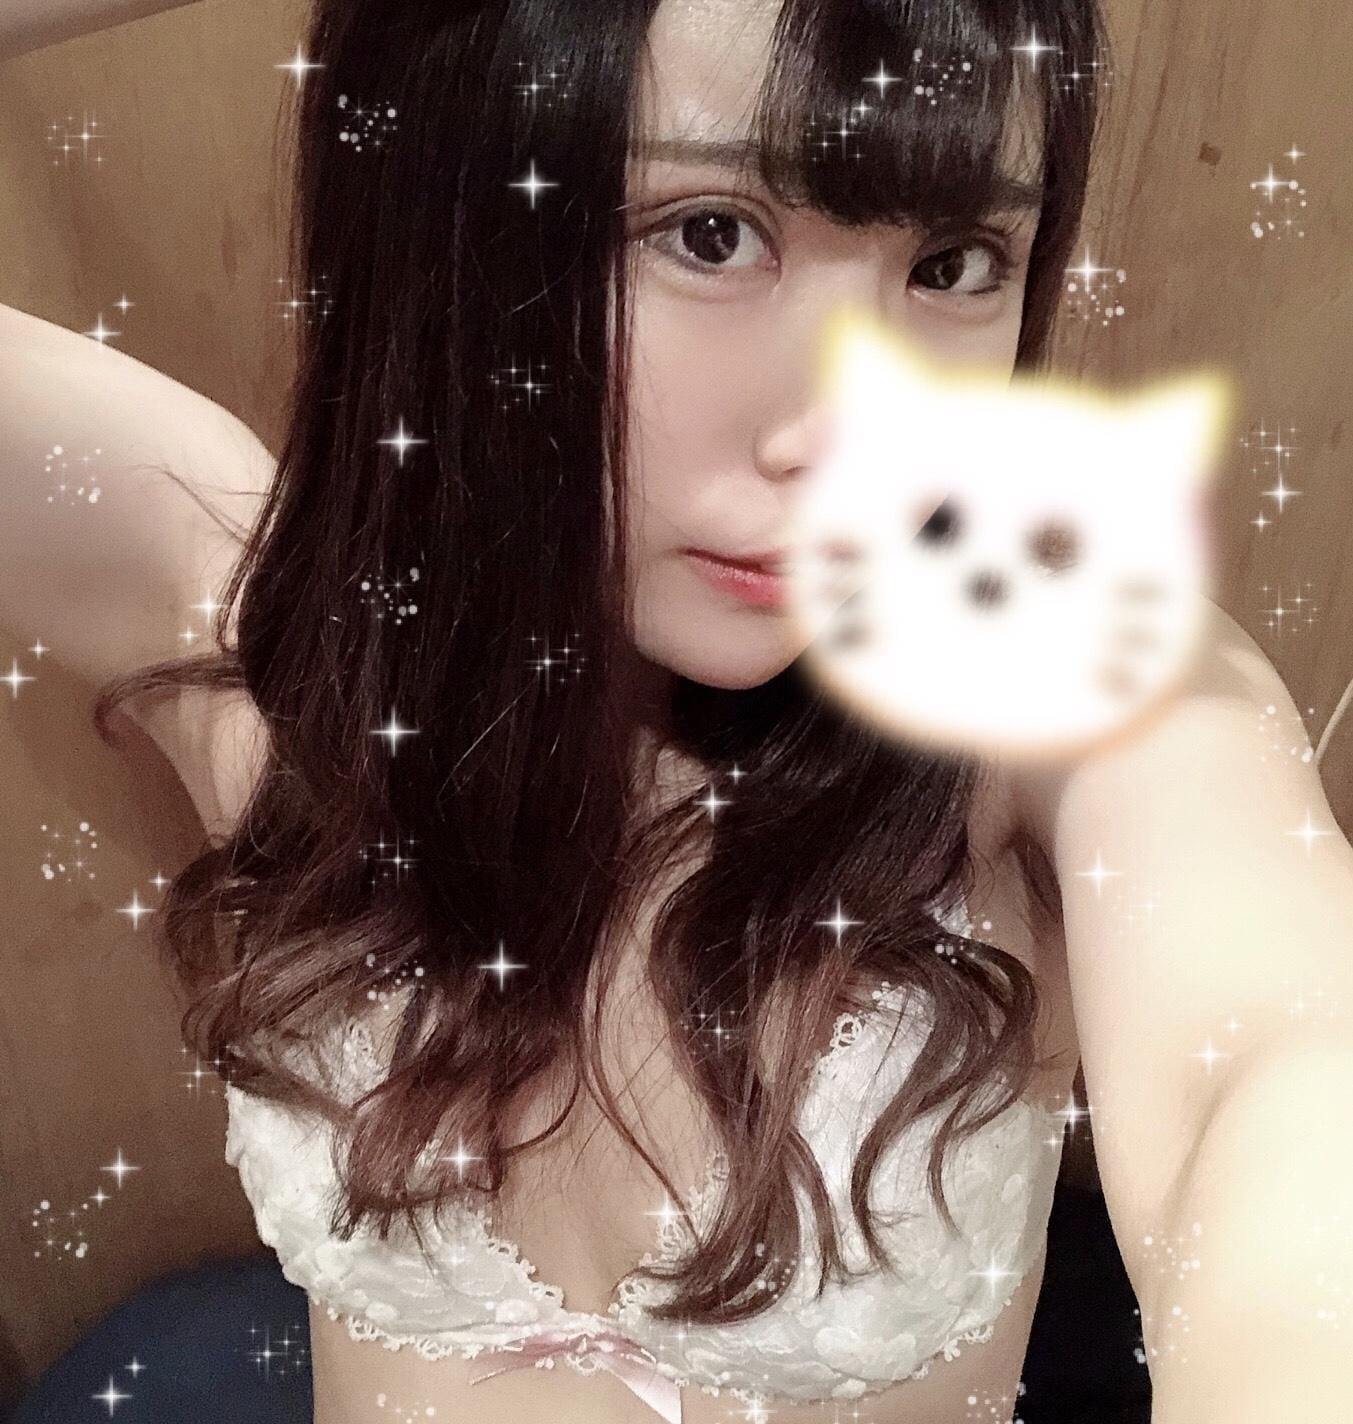 「ありがとございます」12/07(金) 01:50   きららの写メ・風俗動画